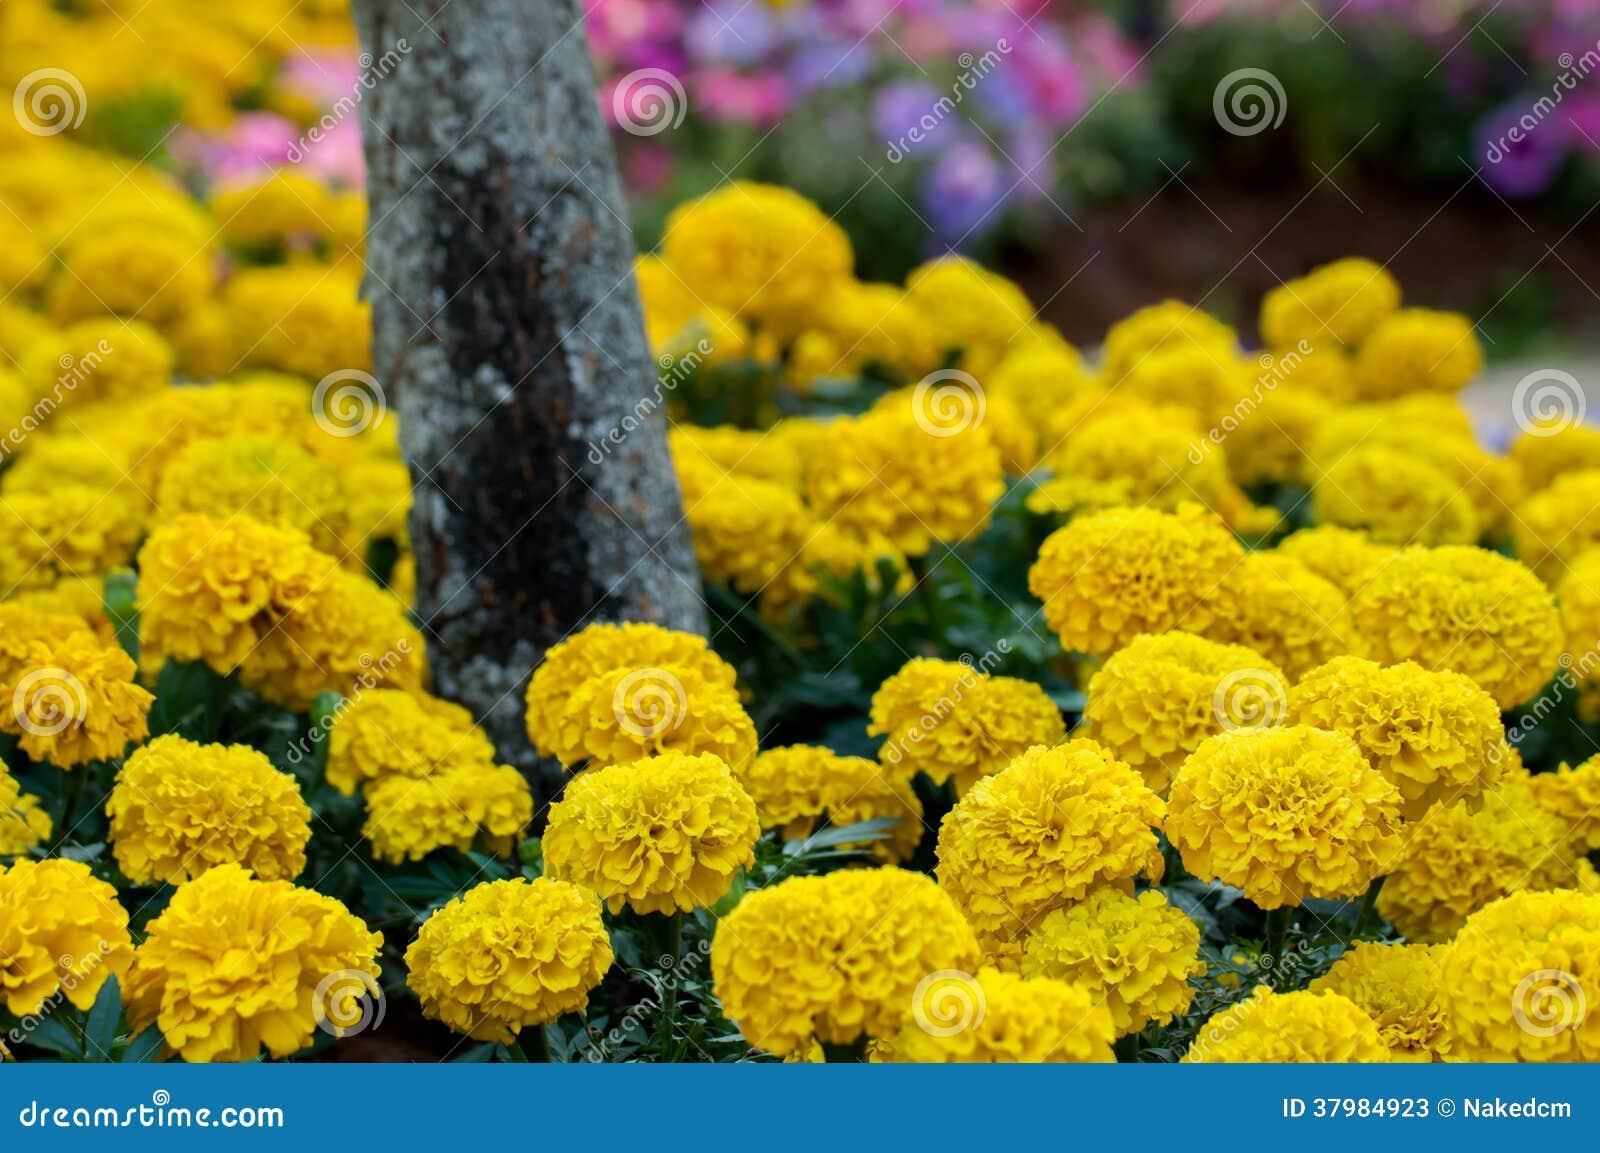 flor de jardim amarela:Cravo-de-defunto, Flor Amarela No Jardim Fotos de Stock – Imagem